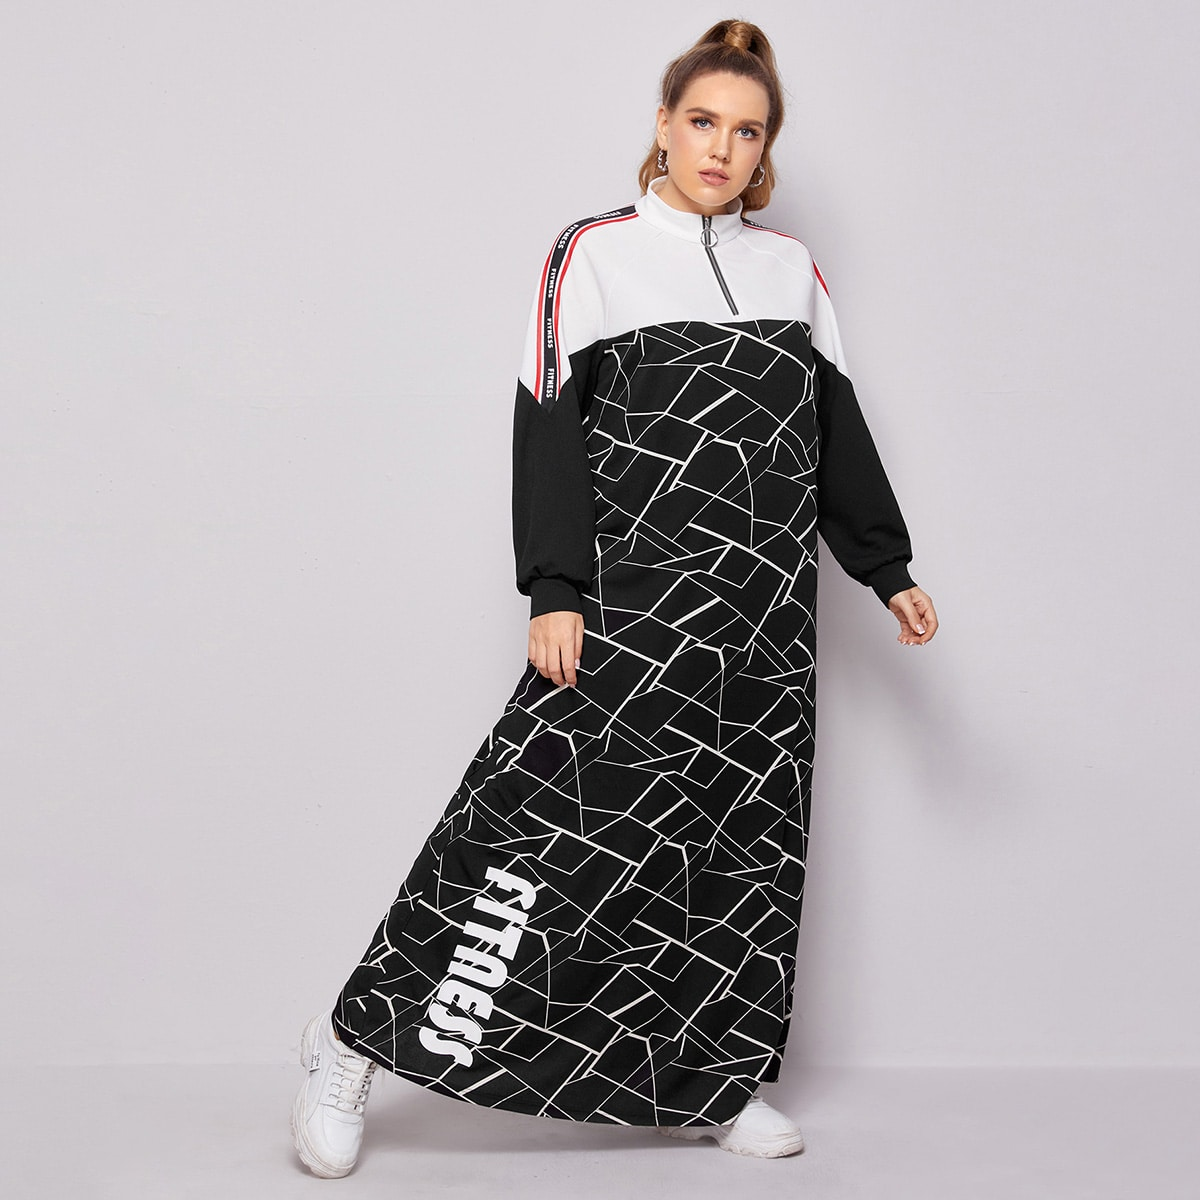 Застежка Геометрический Спортивный Платья размер плюс